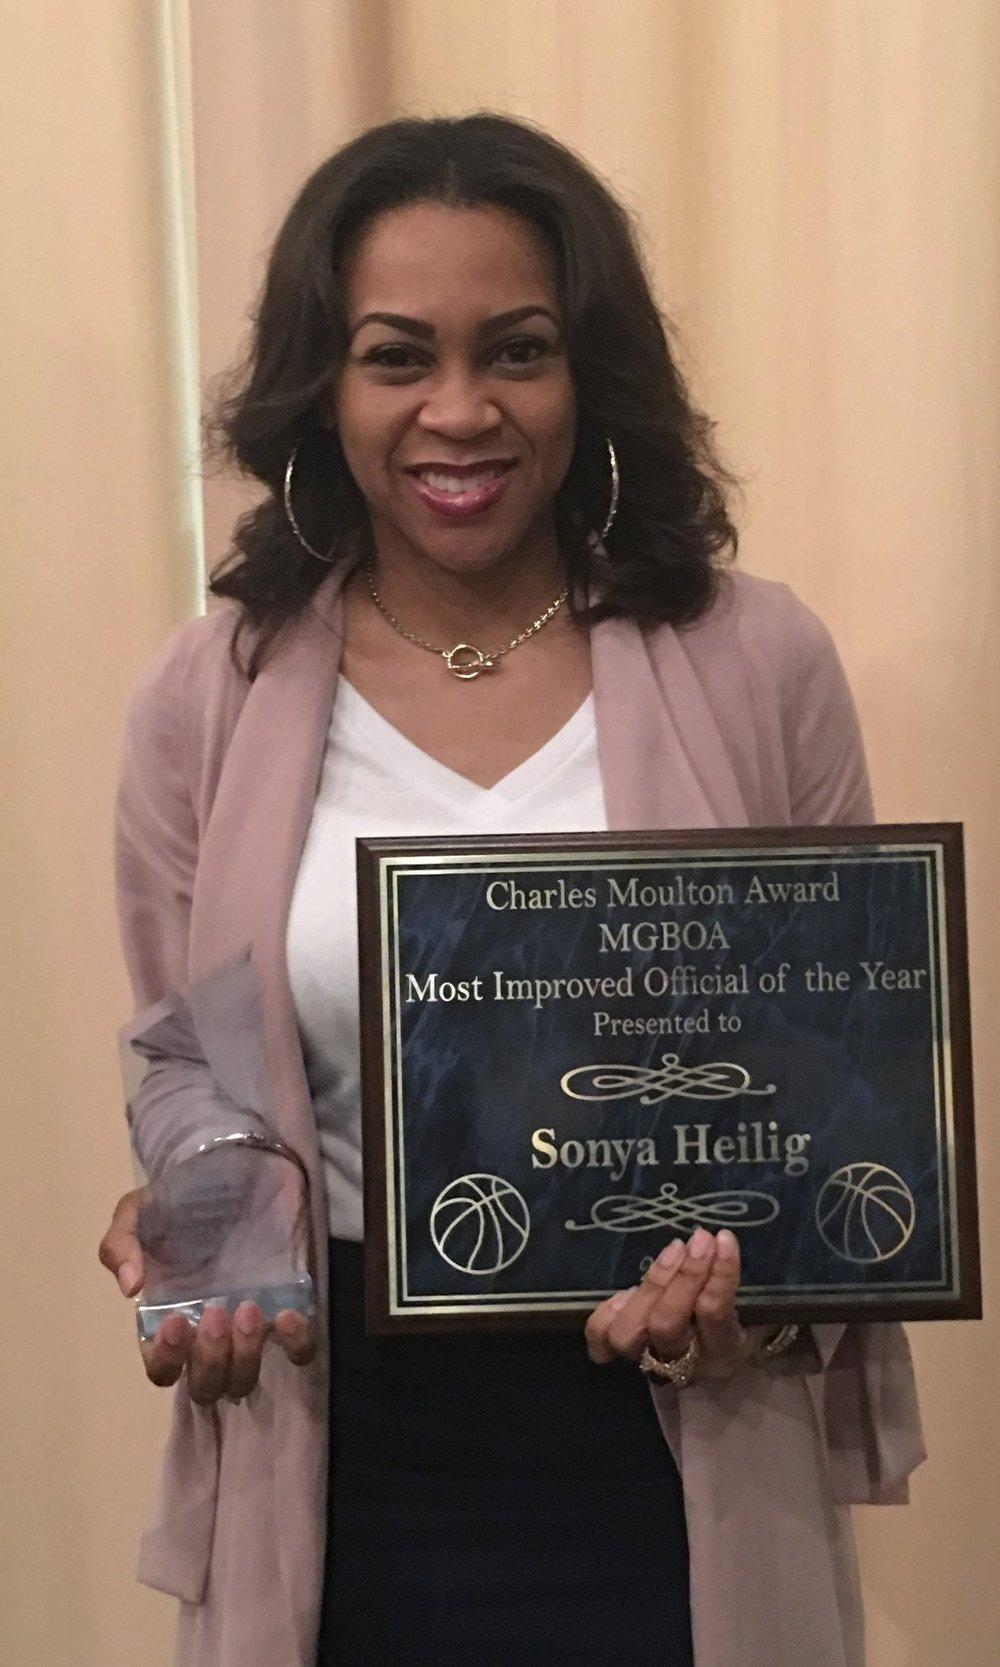 2018 Charles Moulton Most Improved Award: Sonya Heilig